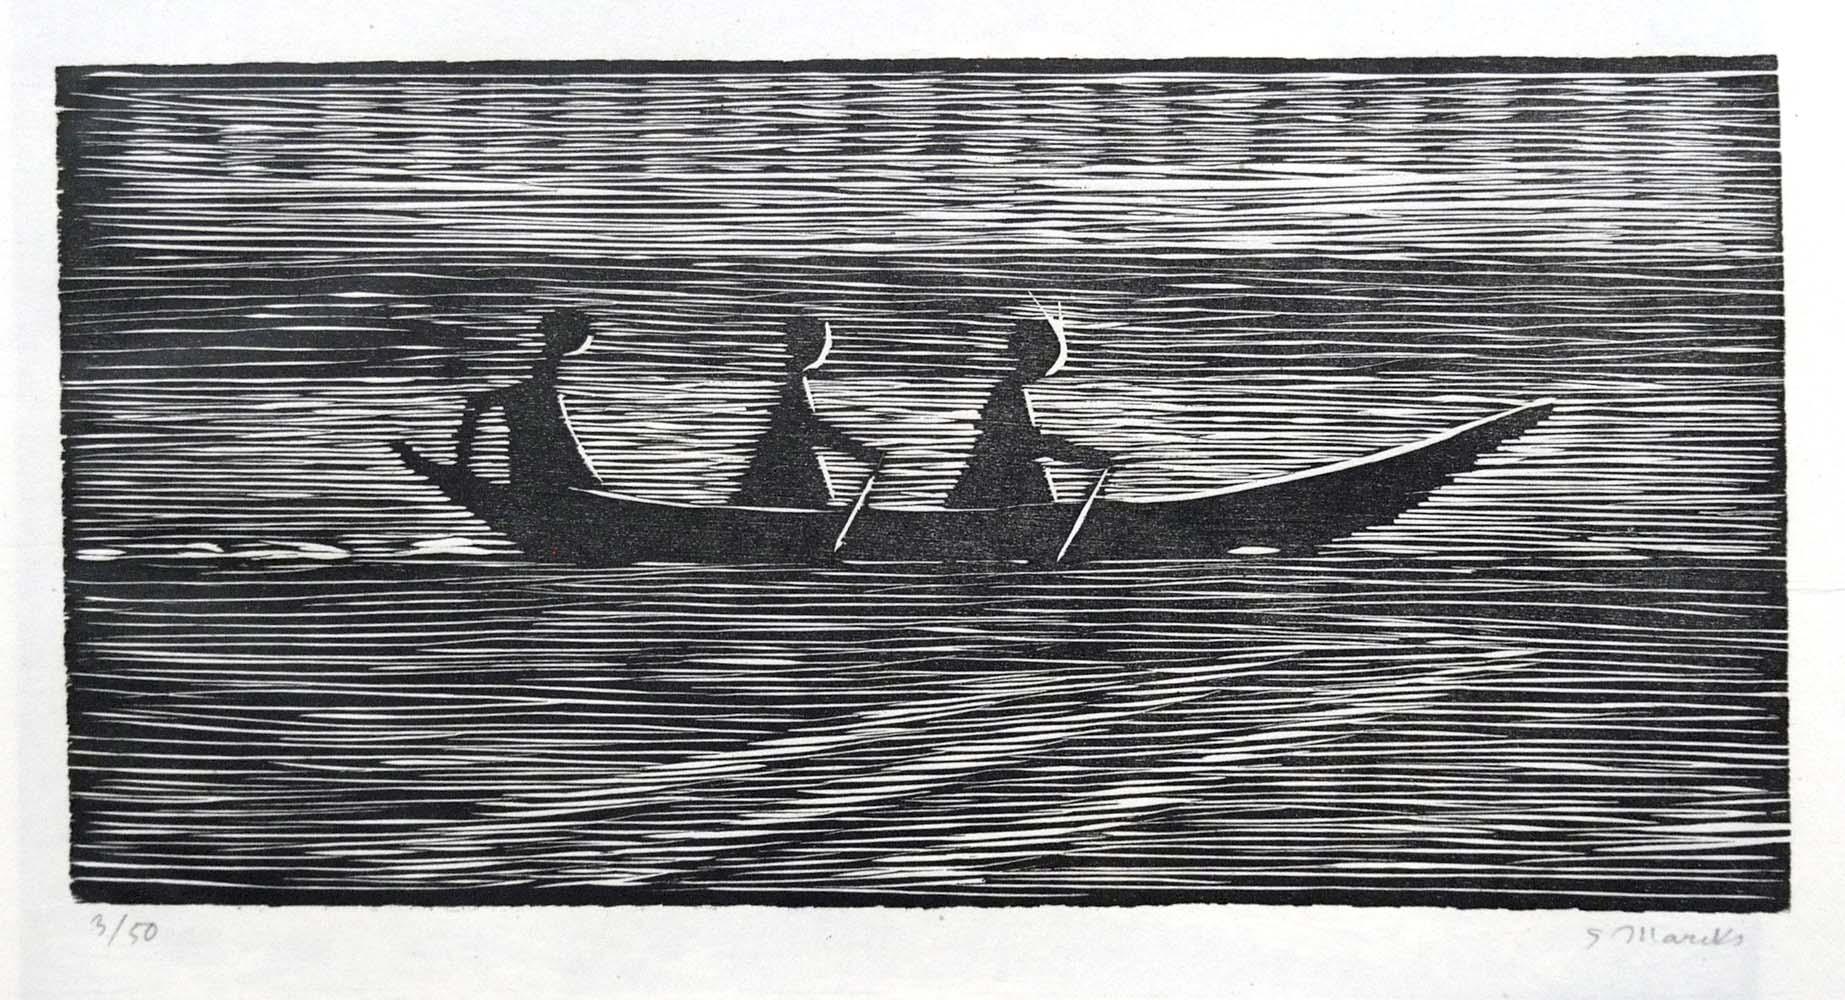 """Gerhard Marcks (1889-1981 ) """" Ruderboot """" Holzschnitt auf Japanpapier, 1962 sign. und num. 3/50 Lammek H 372. 16,9 x 34 cm 240 ,- Euro"""